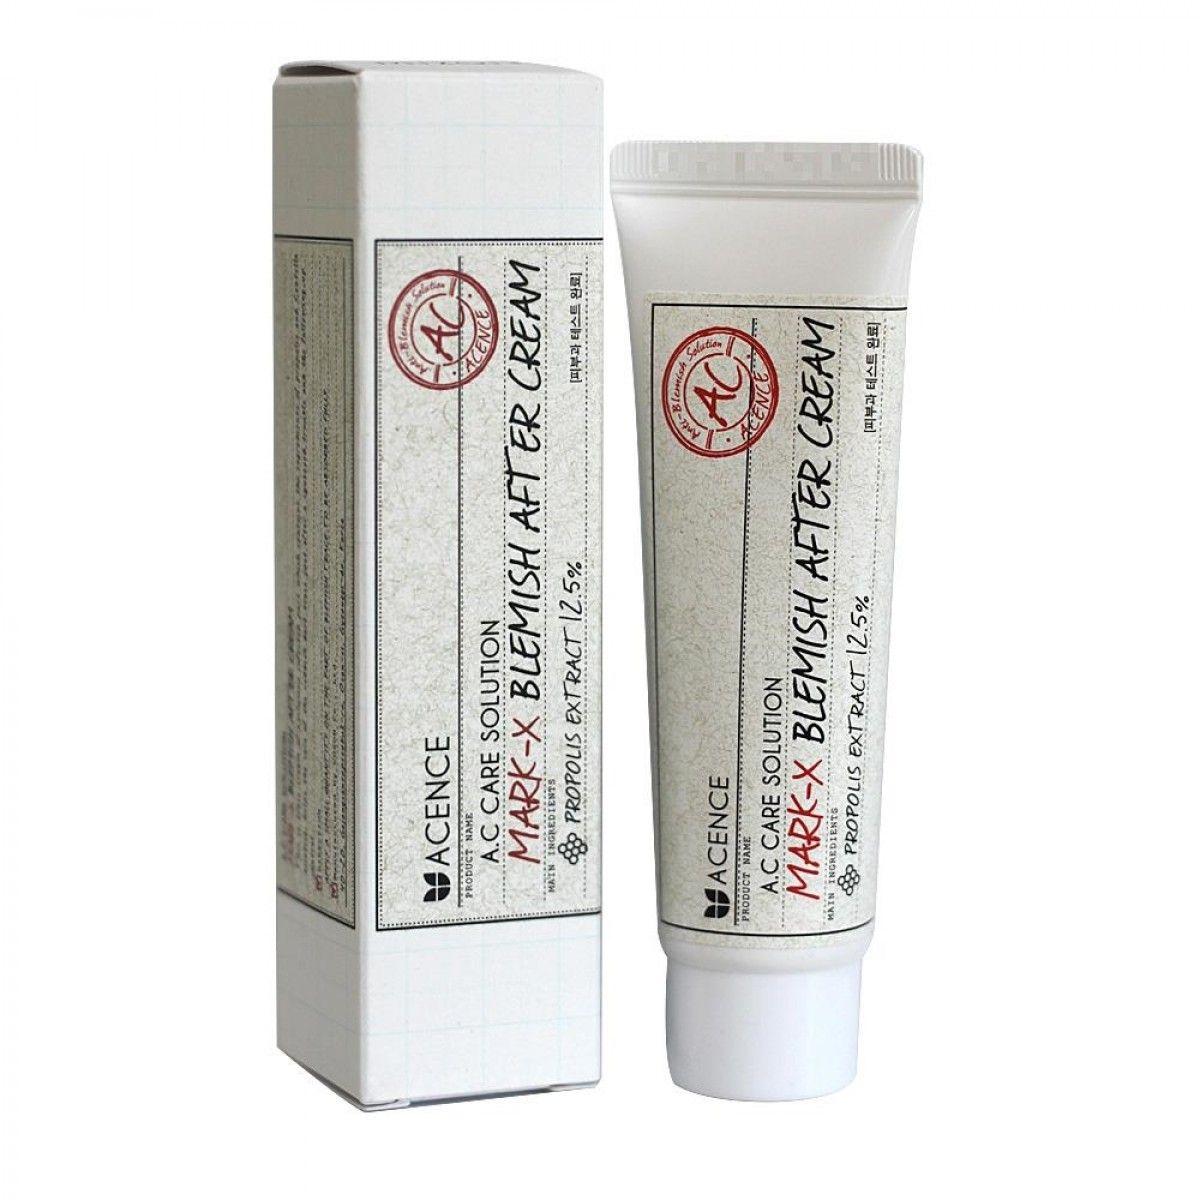 Крем от прыщей и рубцов-постакне  MIZON Acence Mark X Blemish After Cream - 30 мл